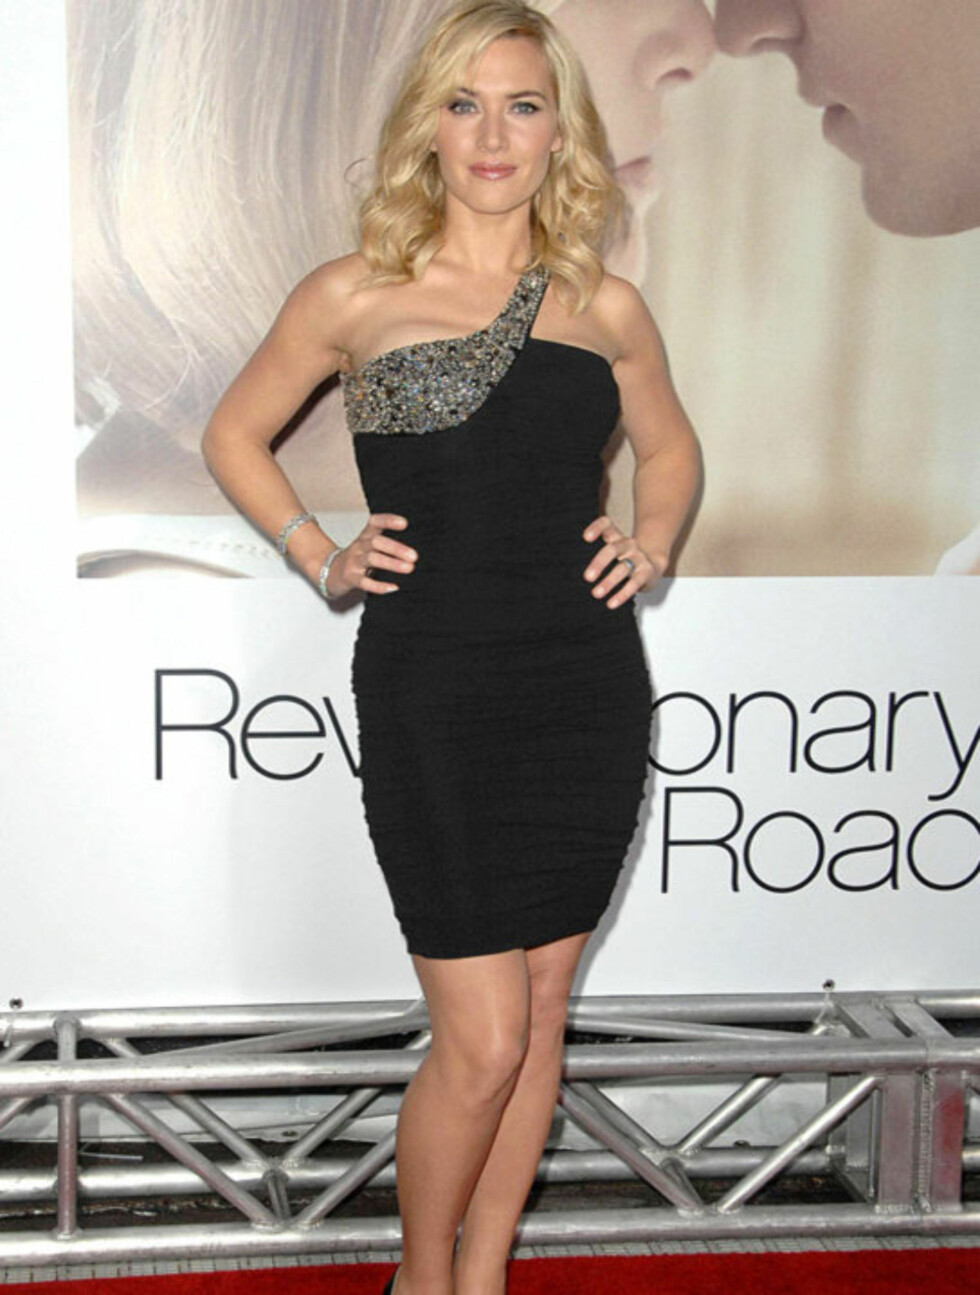 LEKKER: Kate Winslet fremhever sine fine trekk og flotte figur i denne Balmain-kjolen. De glitrende detaljene gjør kjolen mer feststemt. Her på «Revolutionary Road»-verdenspremieren i Westwood i desmeber 2008.   Foto: All Over Press